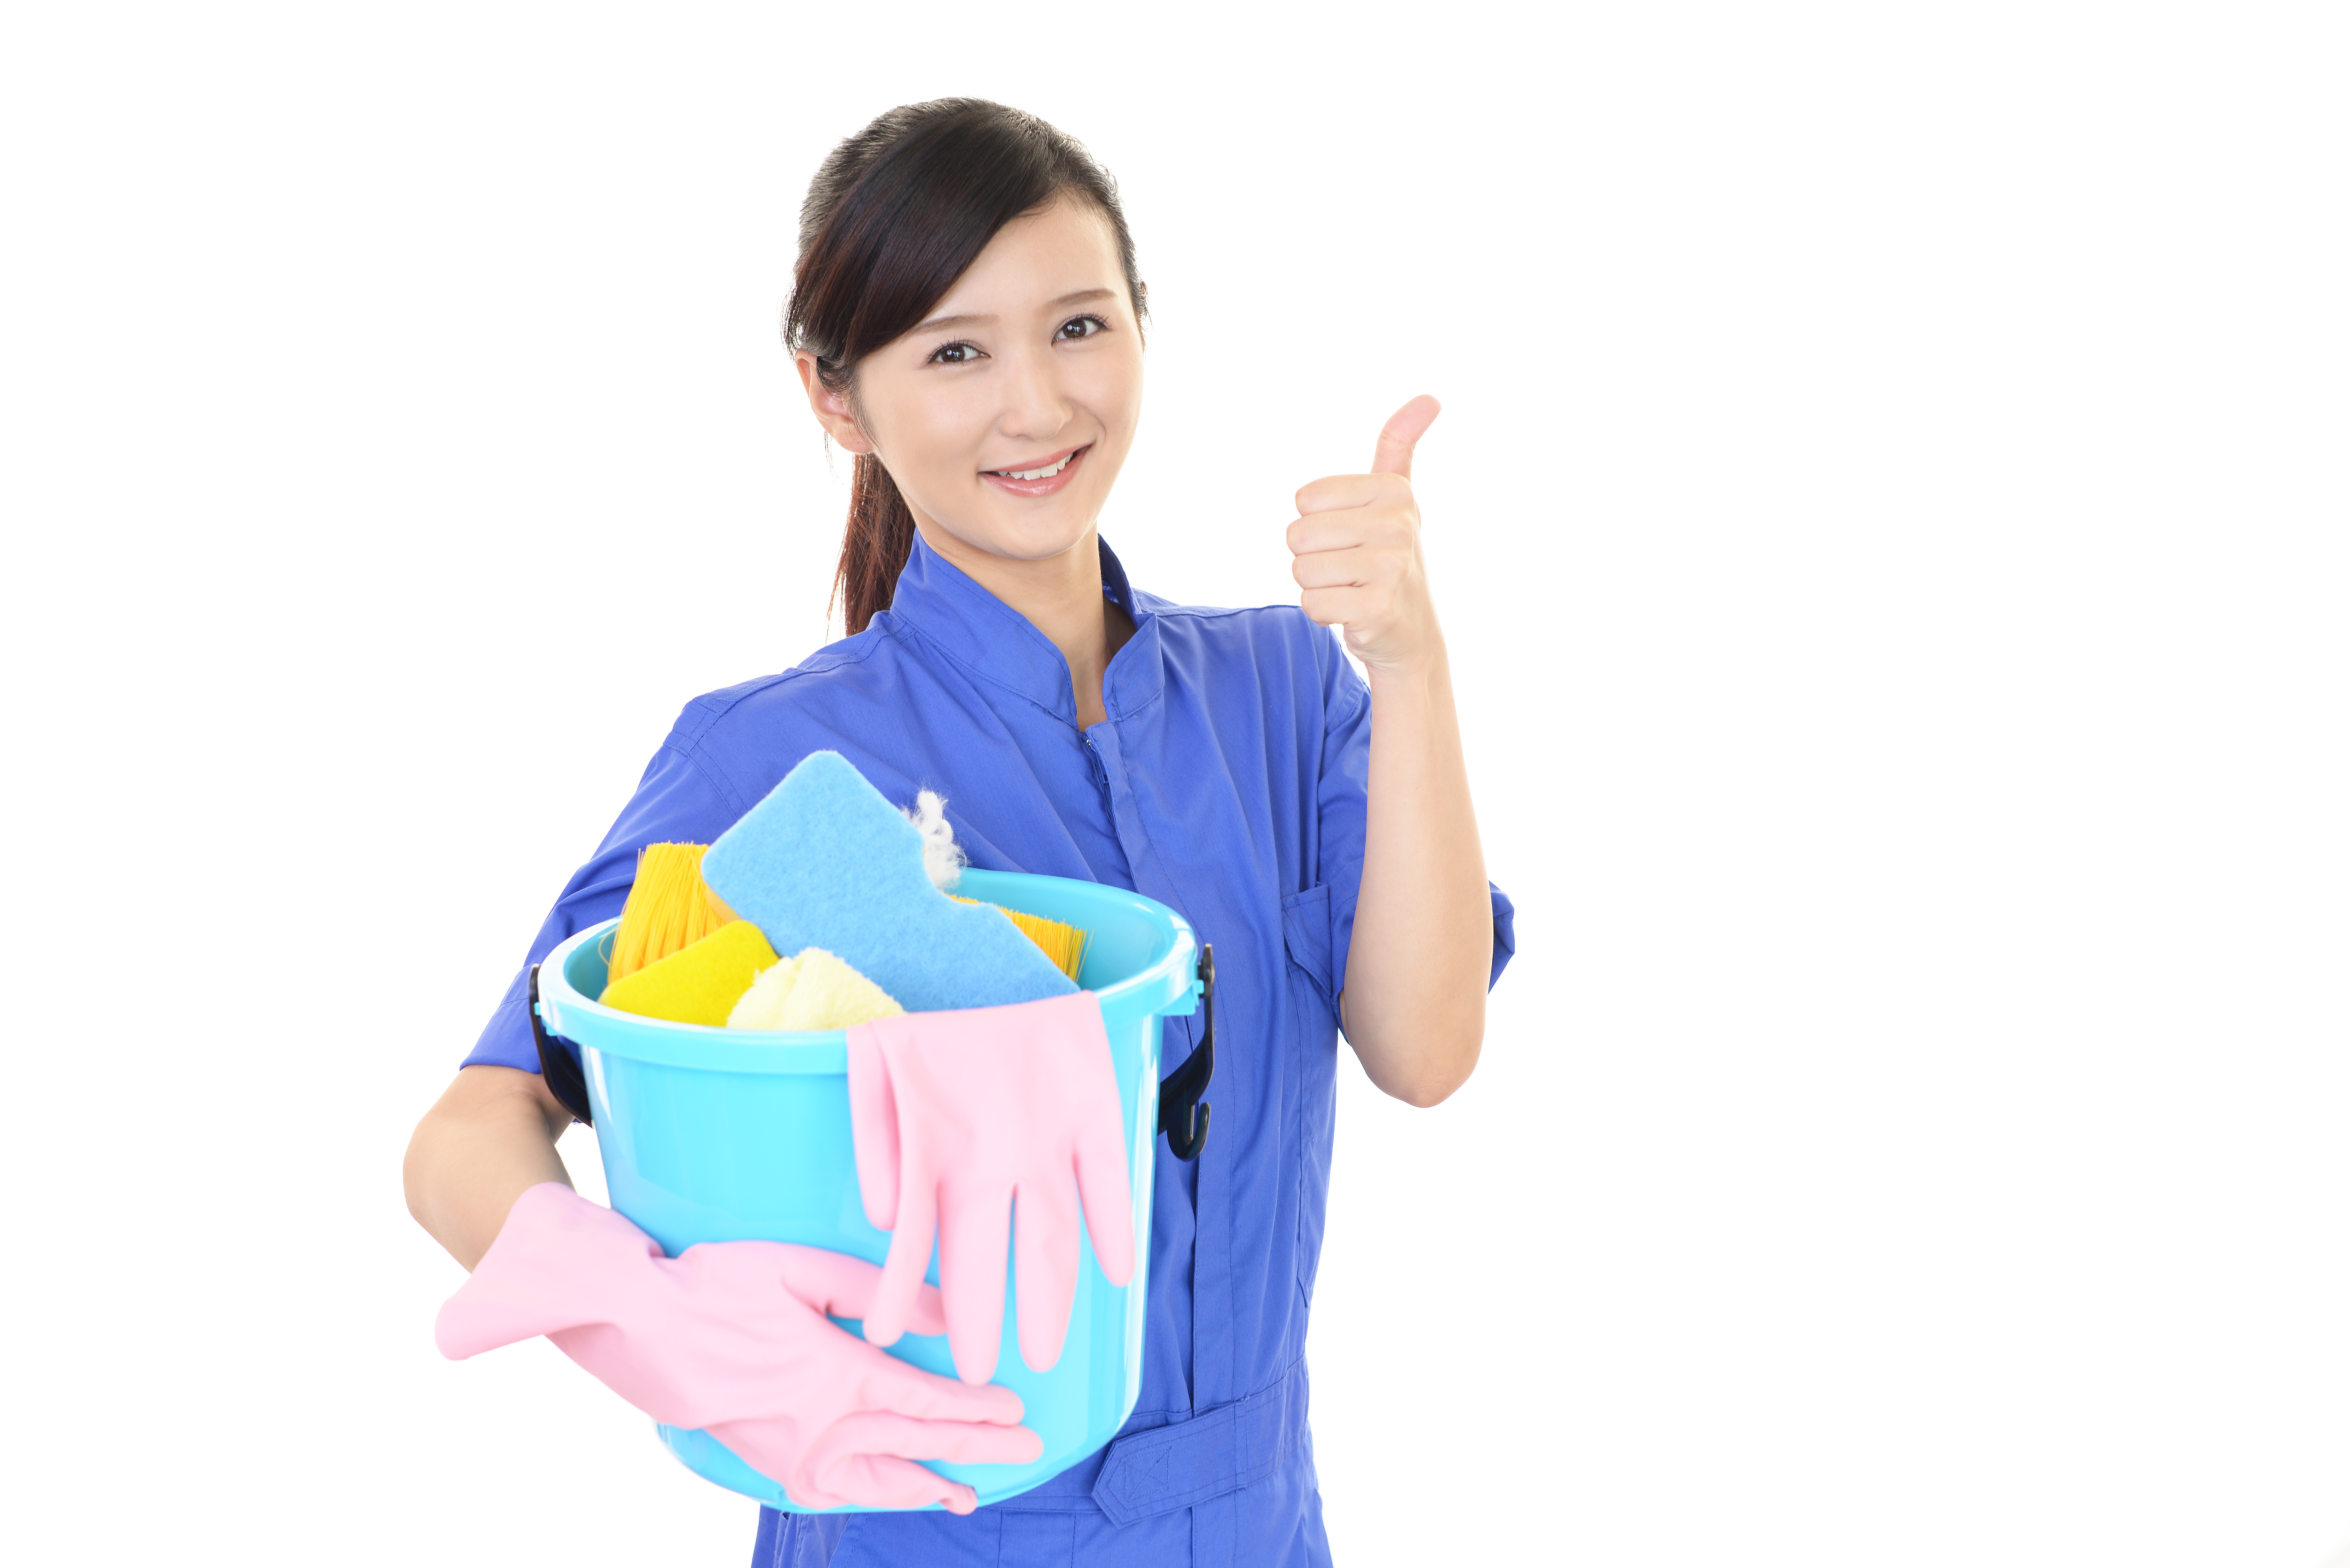 清掃スタッフ 新日本橋エリア 共同産業株式会社 のアルバイト情報